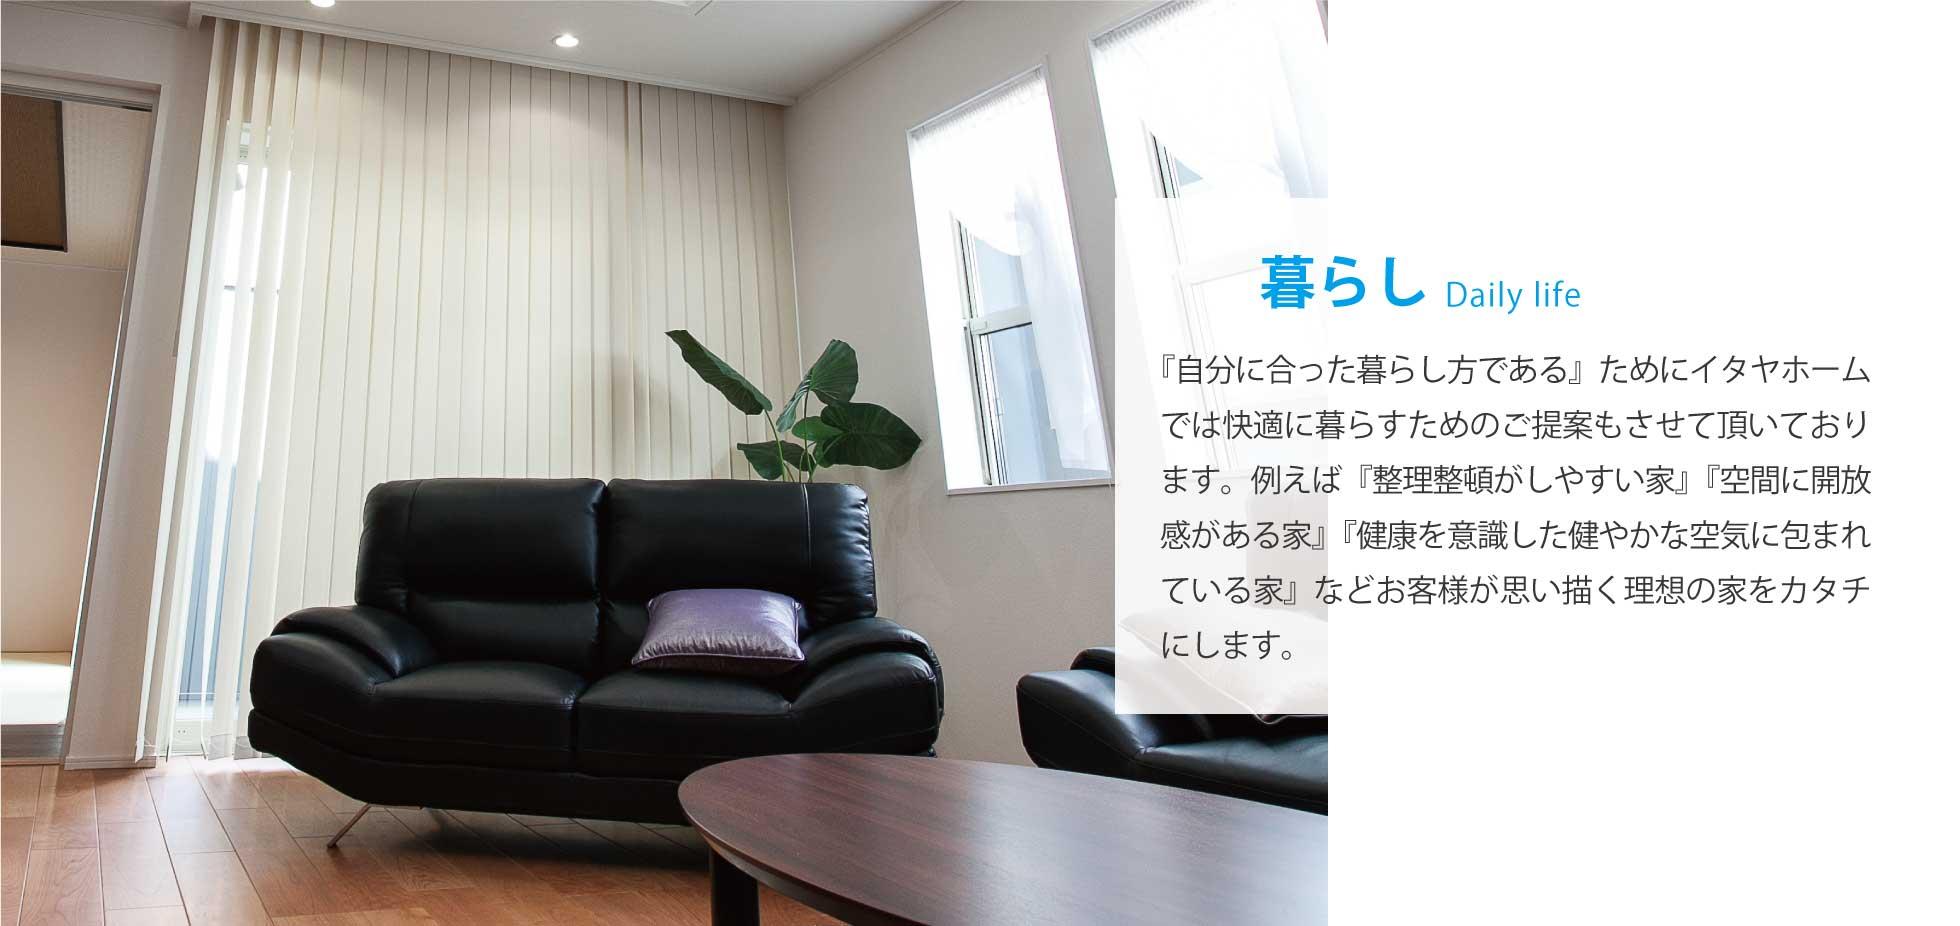 岐阜イタヤホームの注文住宅展示場のリビング写真